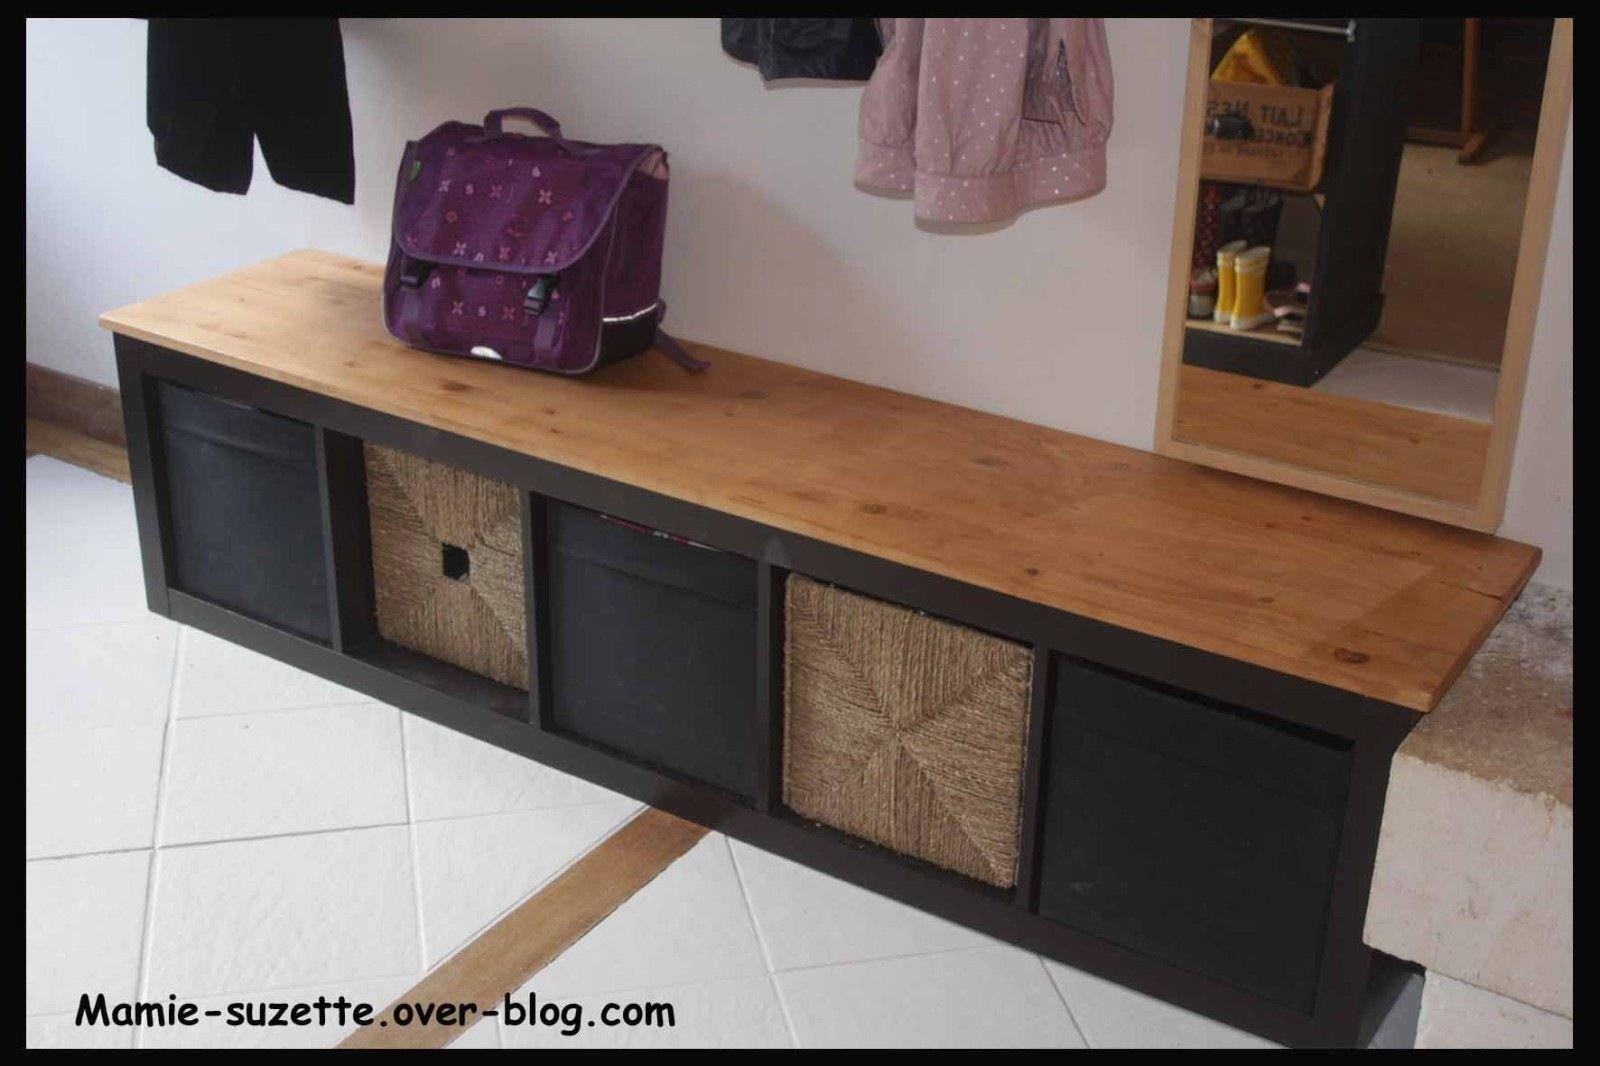 Meilleur De Rangement Ikea Banc Chaussures Galerie b6Yfvy7g